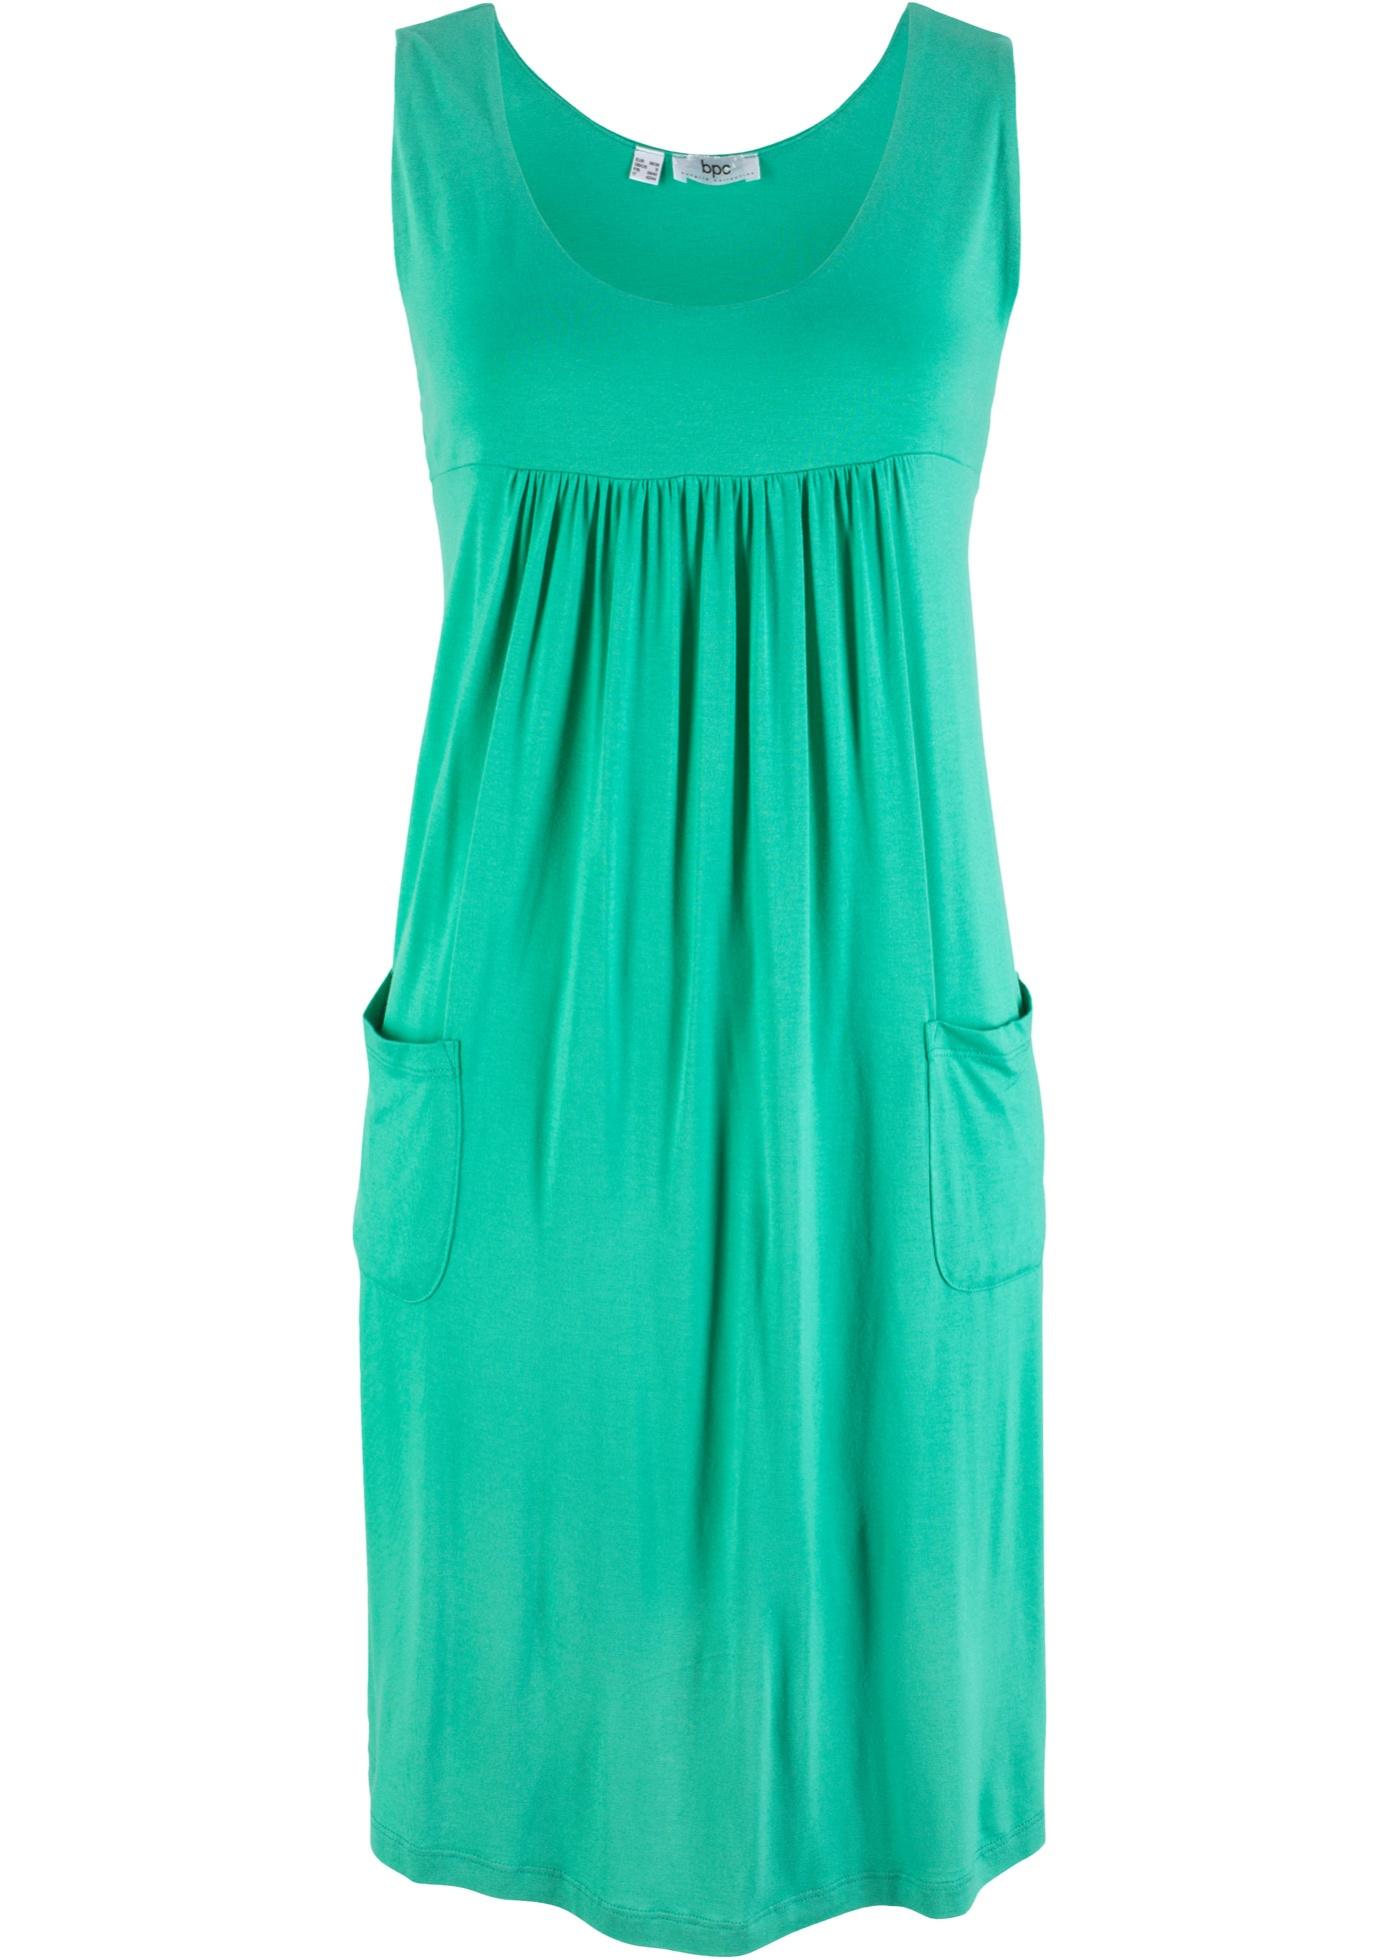 Jersey-Hängerchen mit Rundhals-Ausschnitt, unifarben ohne Ärmel  in grün für Damen von bonprix